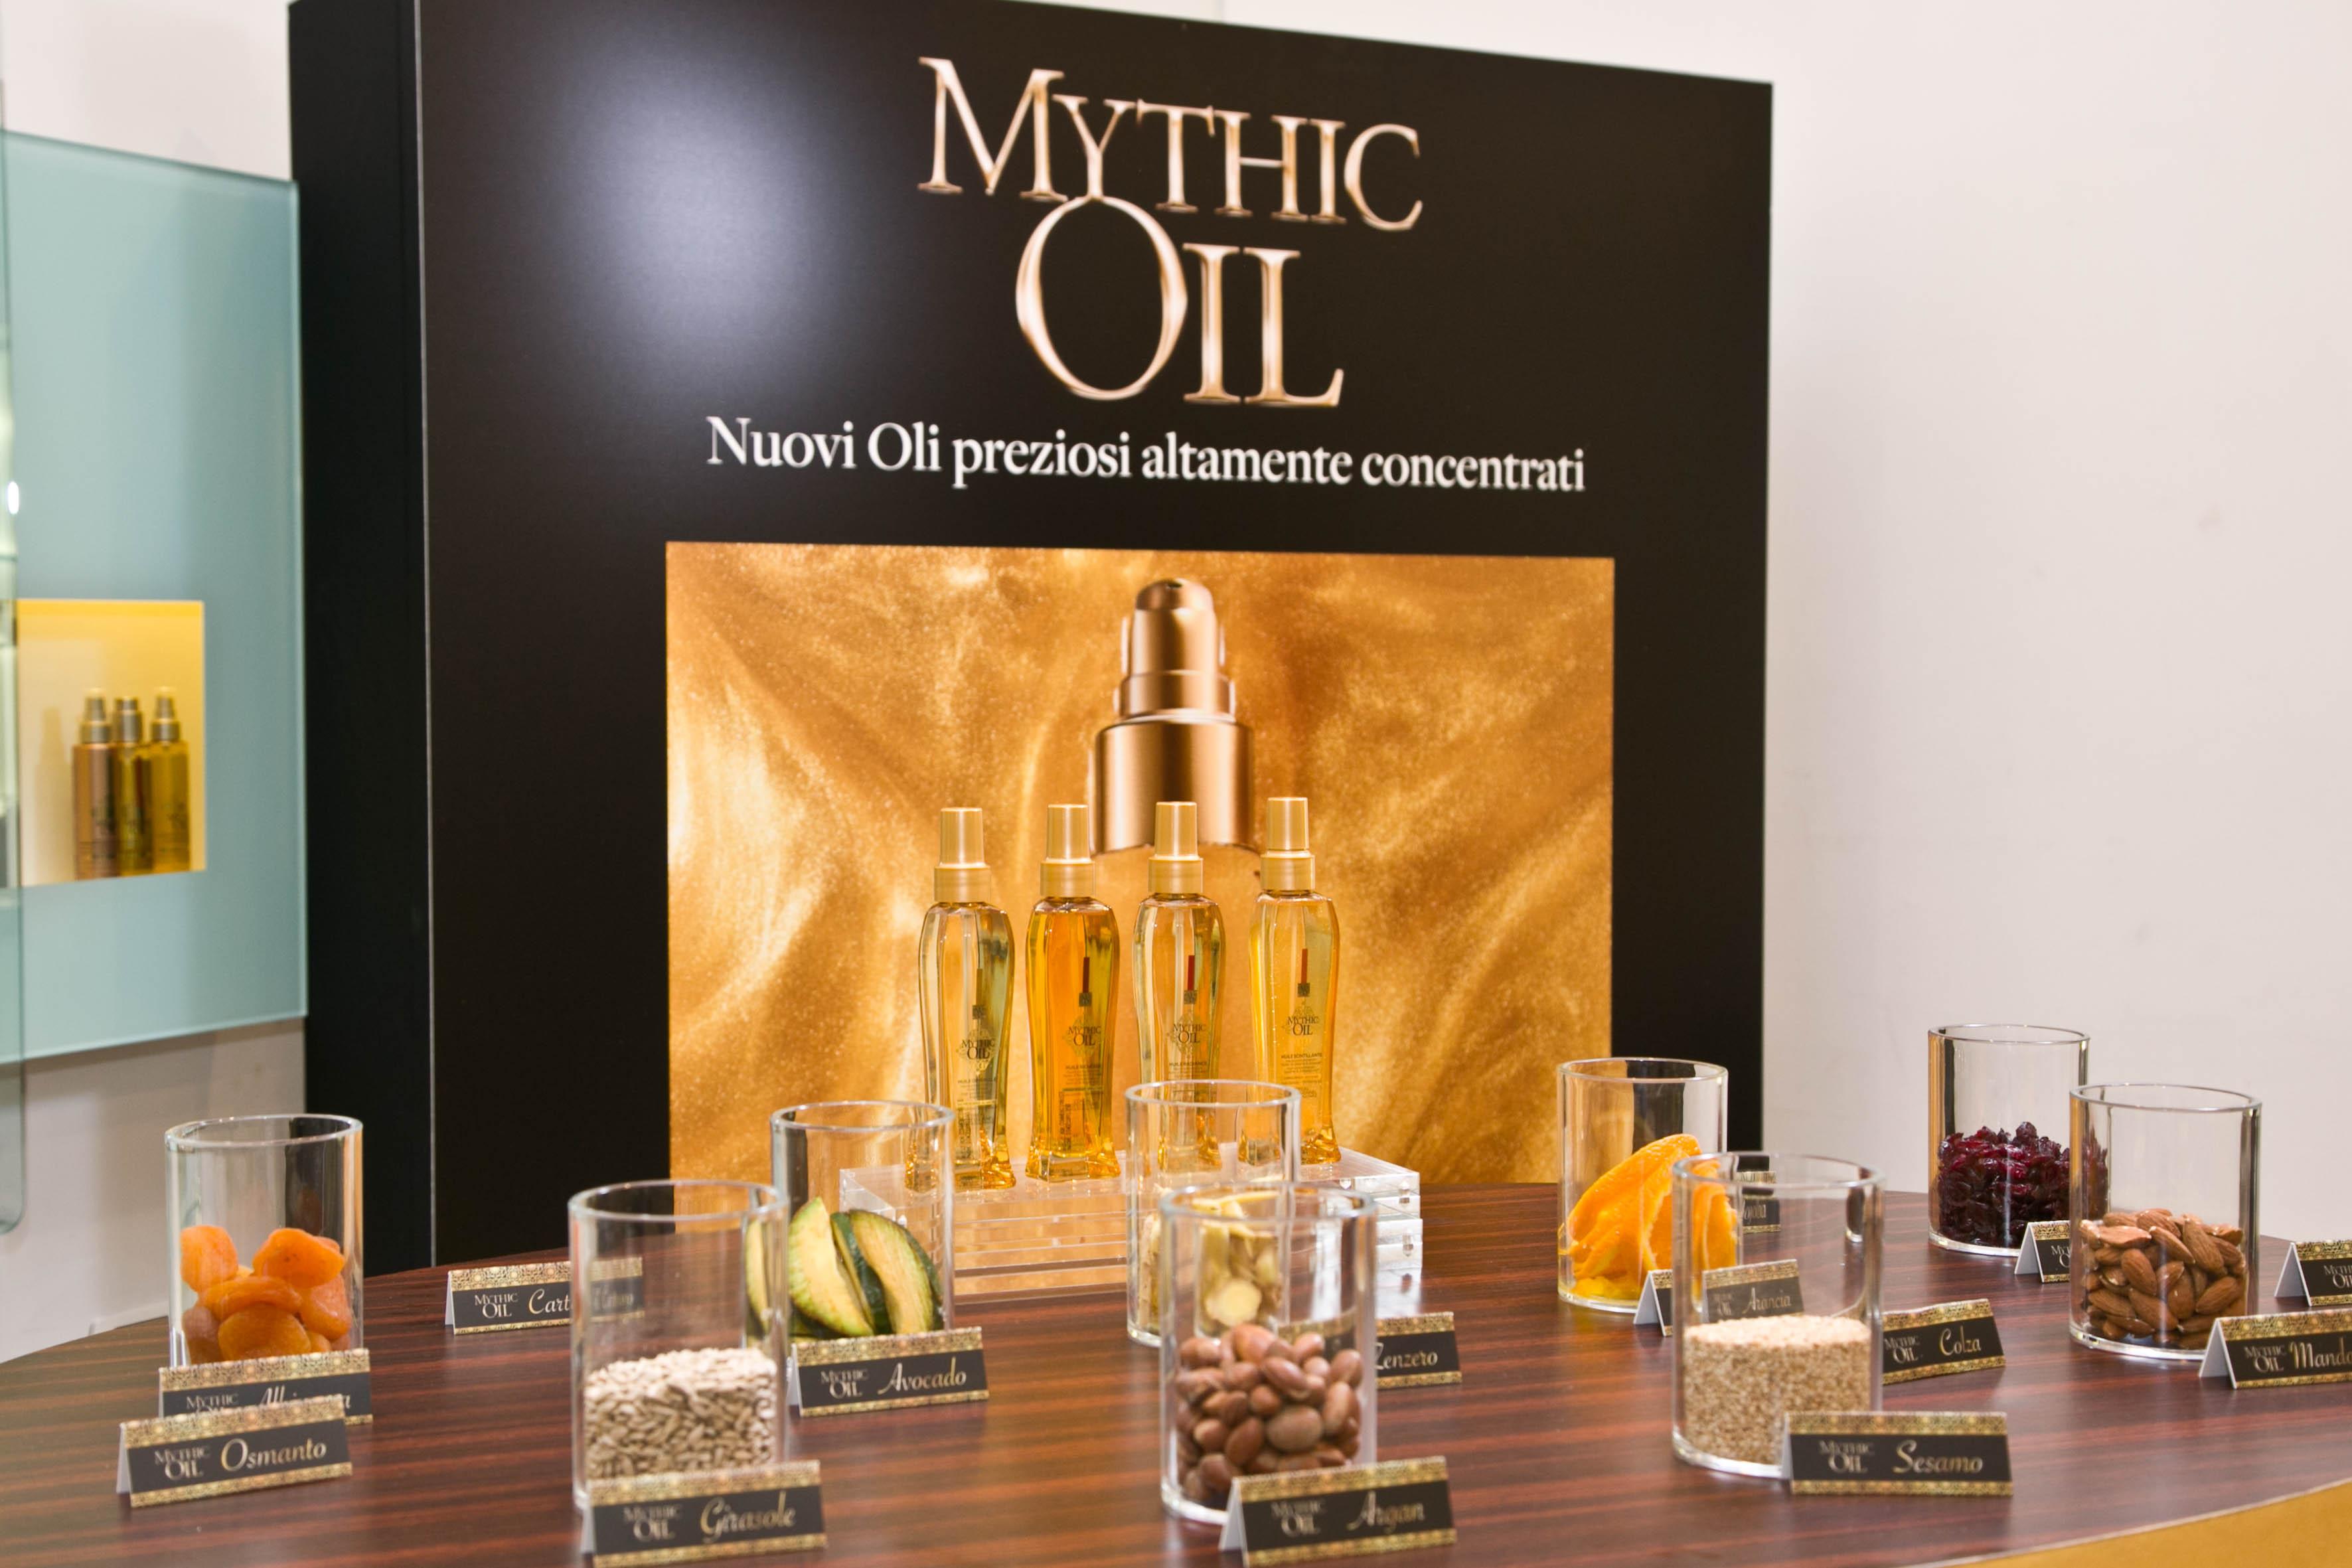 Mythic Oil: una nuova esperienza di benessere